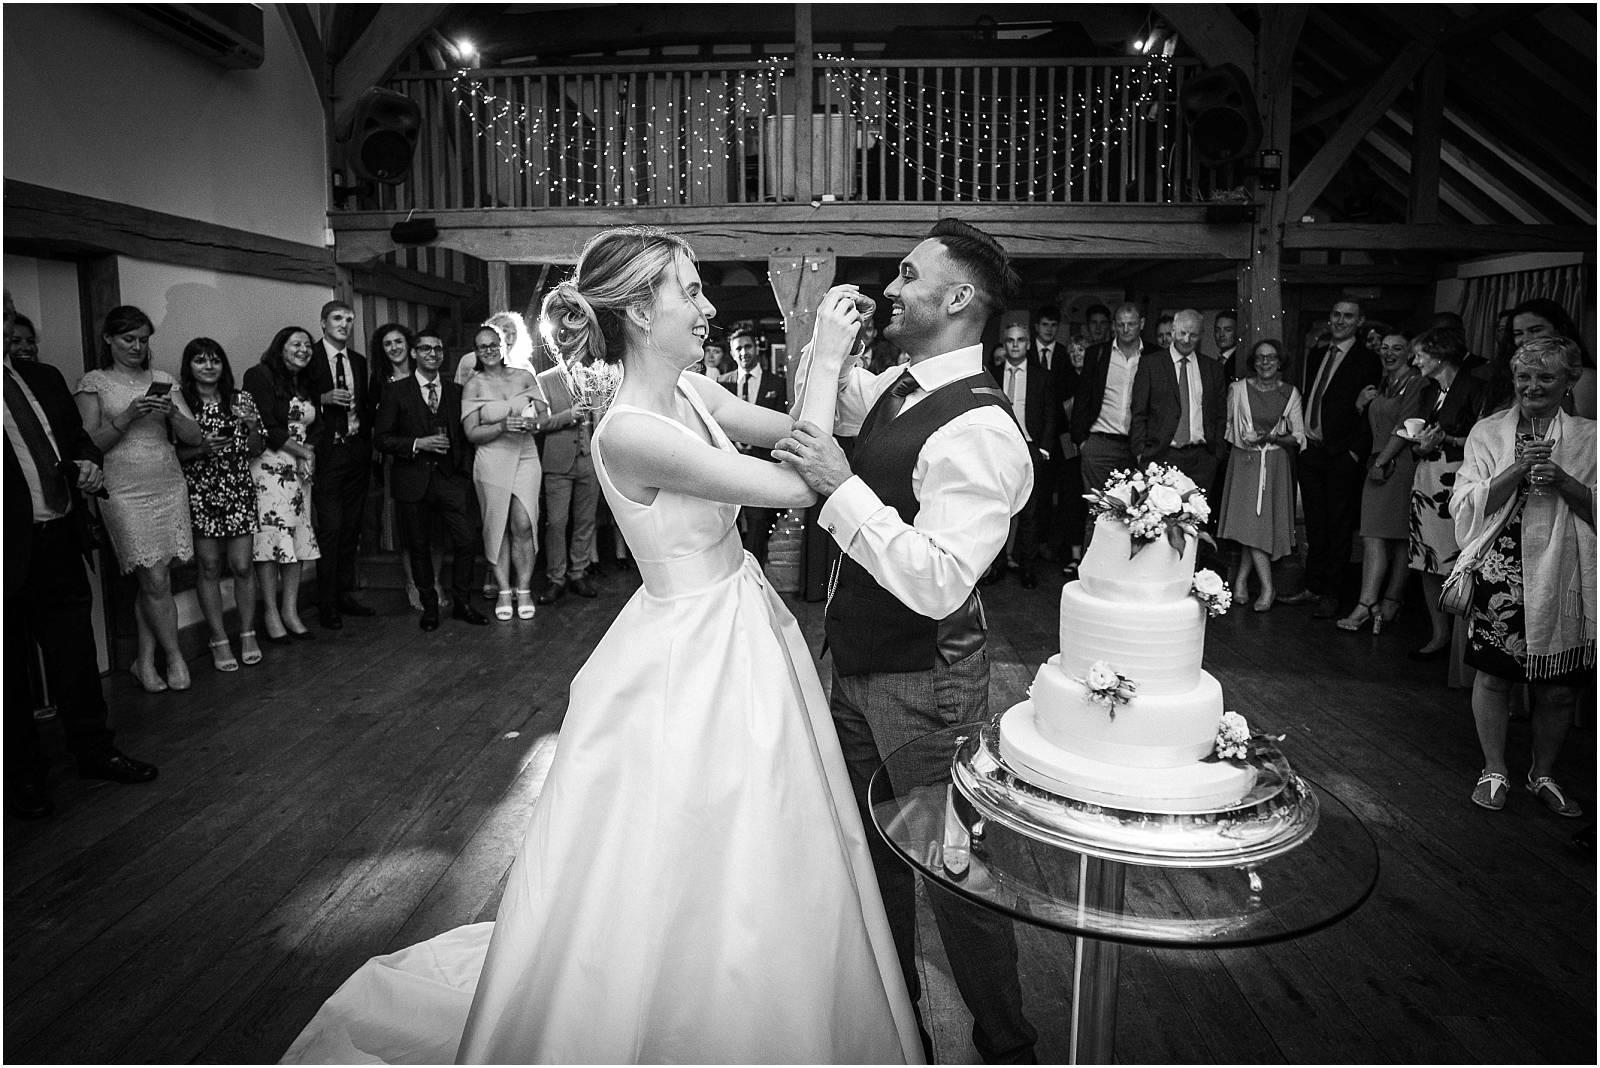 cake smoosh at uk wedding